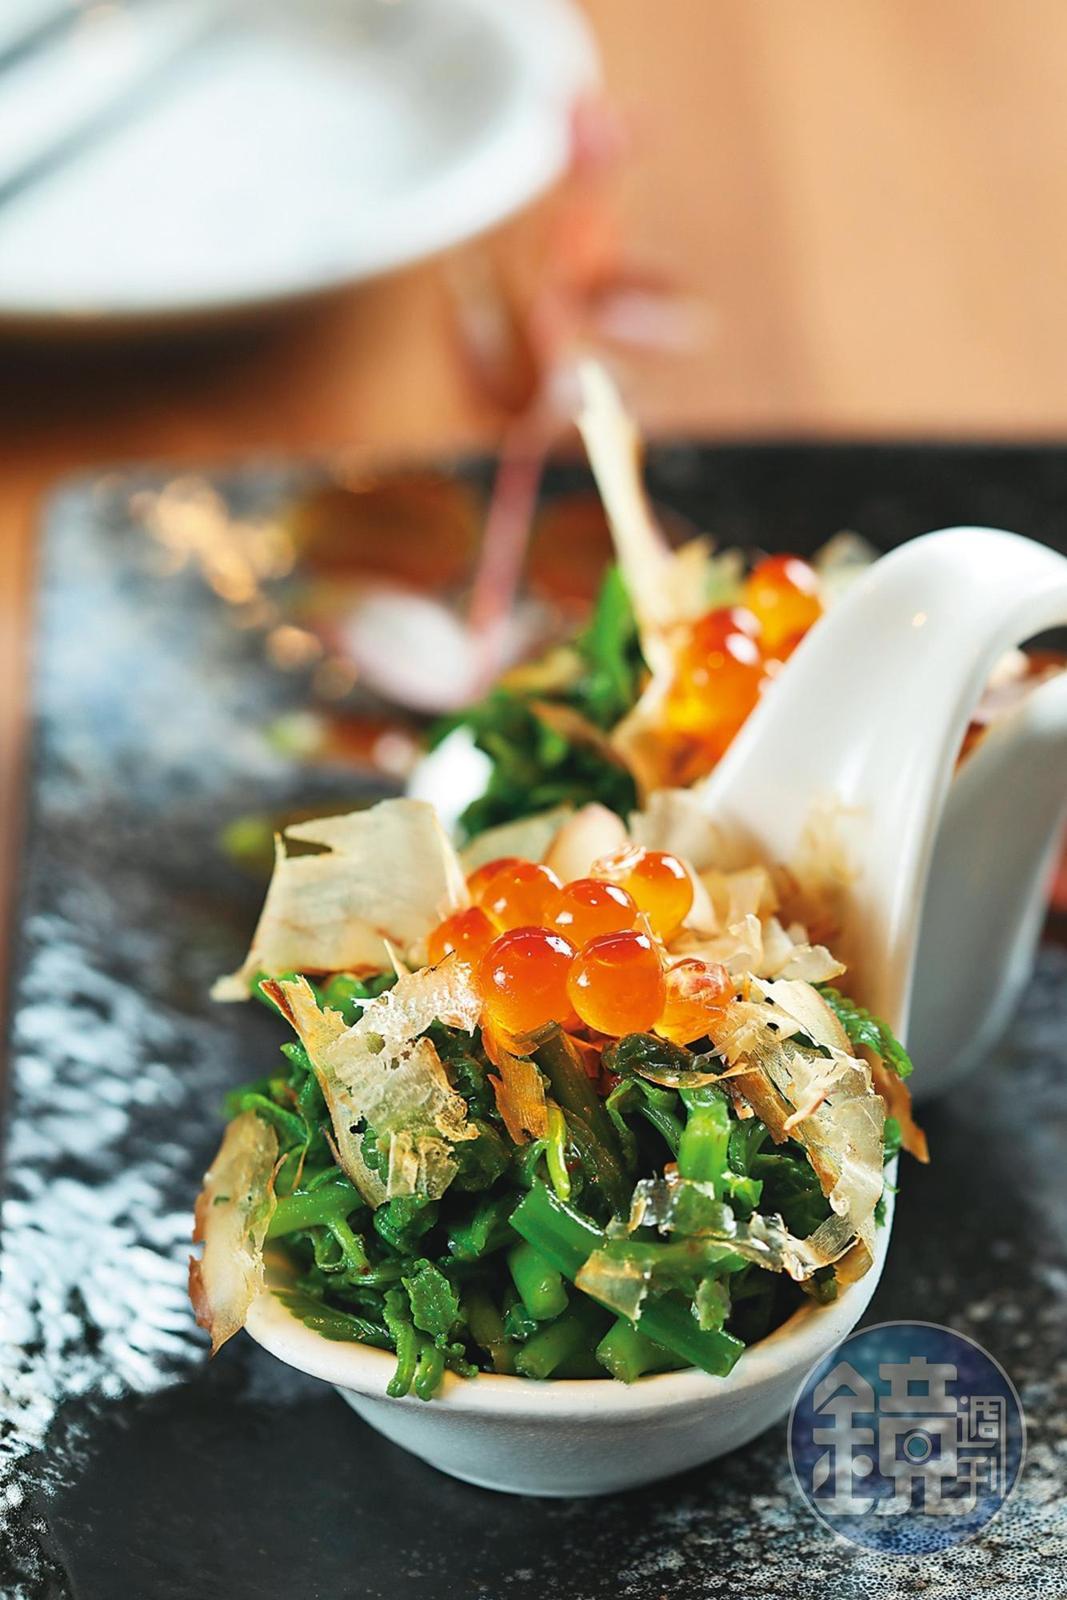 「鮮卵野蕨」是點合菜才吃得到的創意菜色。(5,000元以上合菜菜色)